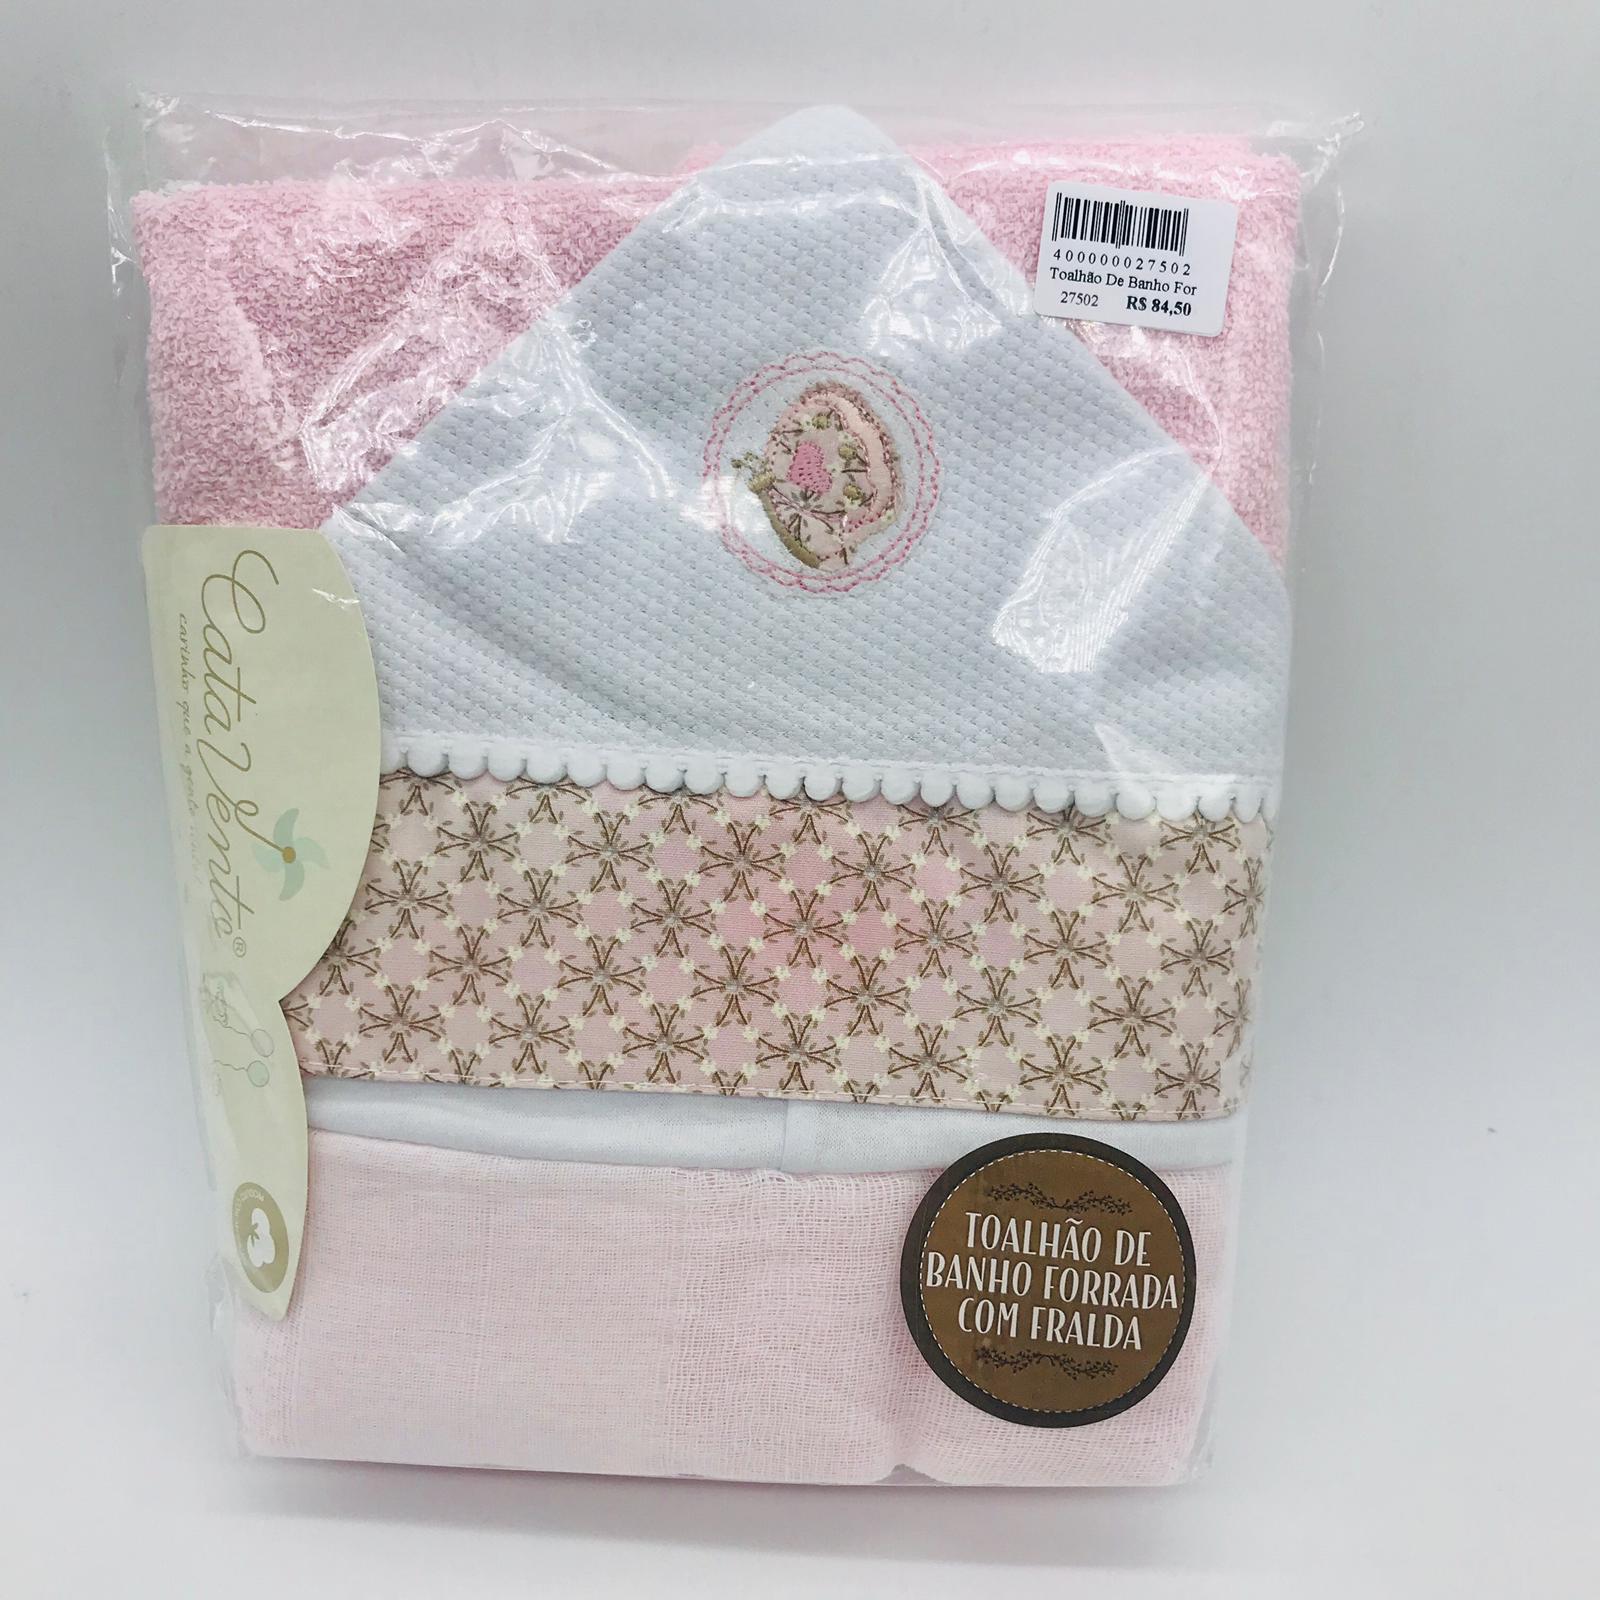 Toalhão de Banho Forrada Fralda Requinte Borboleta Rosa - Cata Vento Ref 255